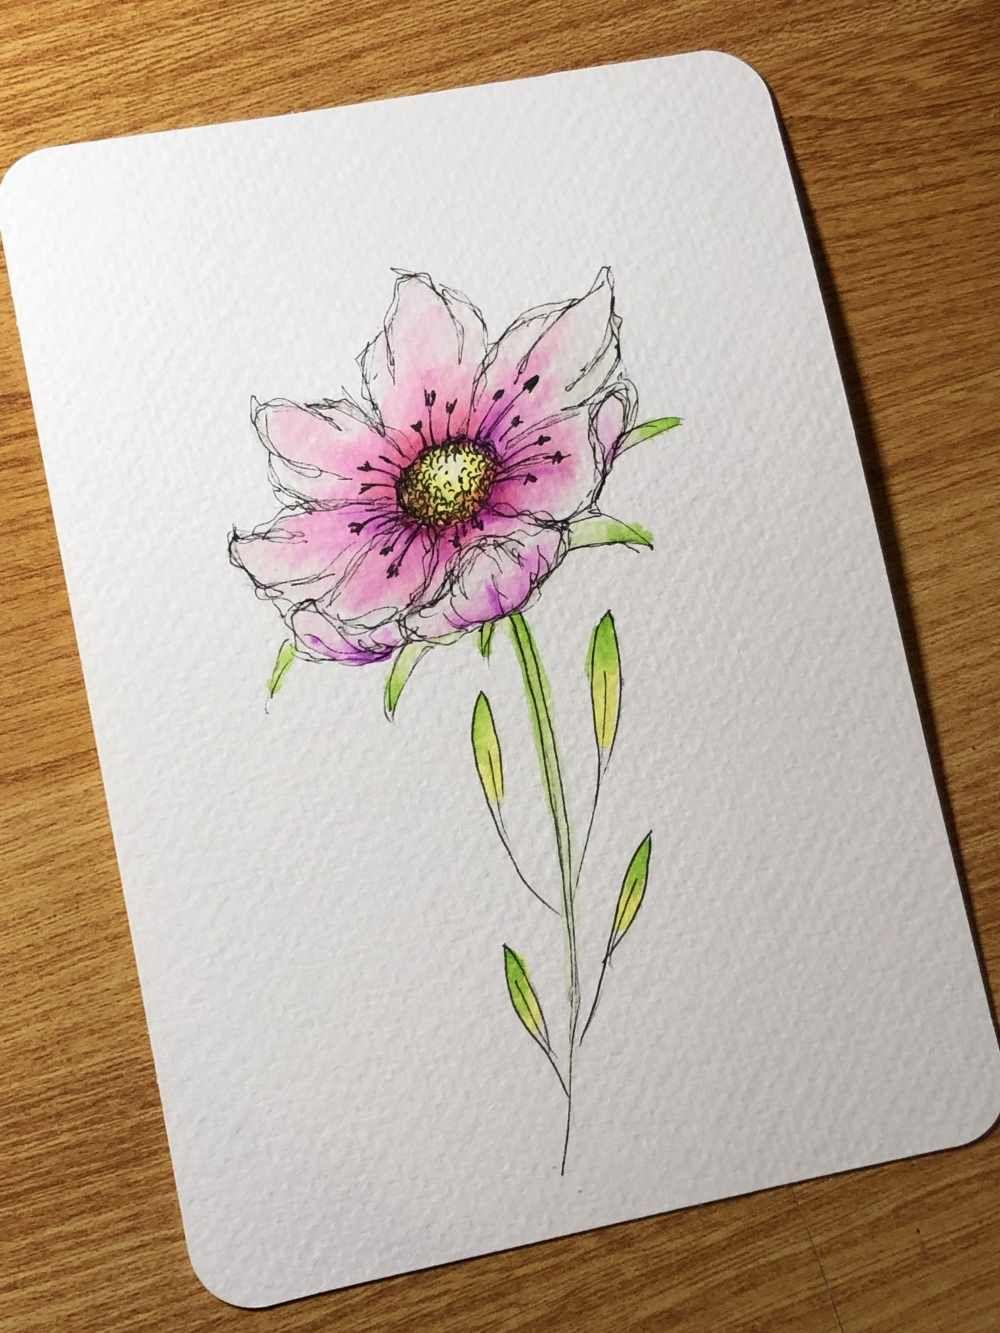 Letter Lovers J Belach Zu Gast Im Lettering Interview In 2020 Blumen Zeichnen Einfach Zeichnen Blumen Zum Zeichnen